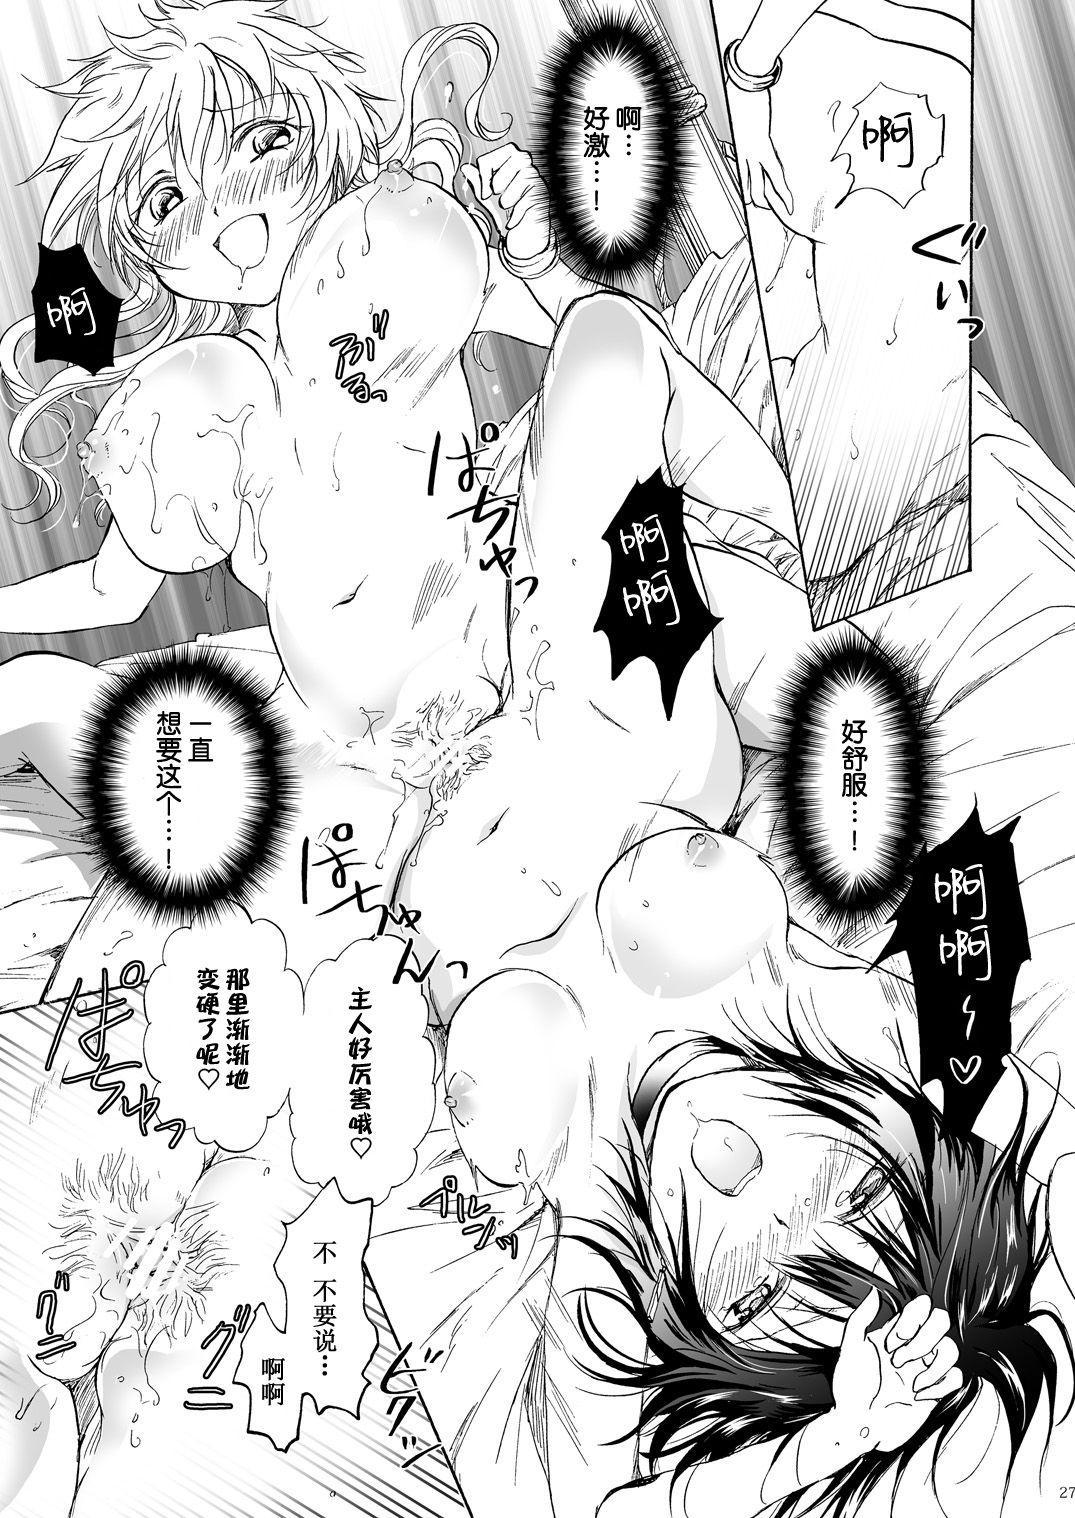 Goshujin-sama Daisuki! 26